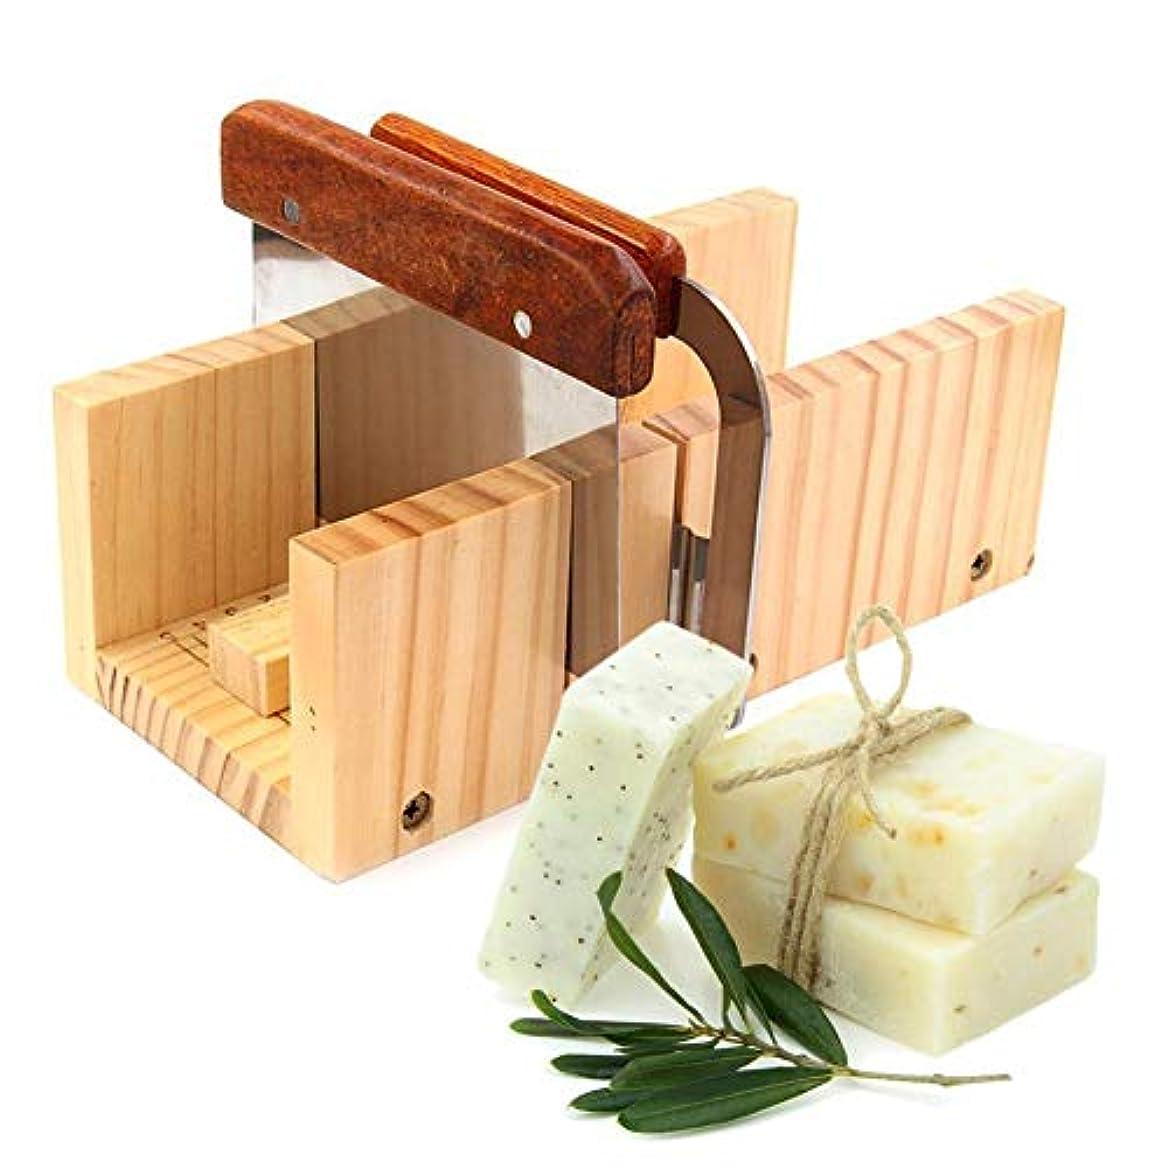 人形回転ラテンソープモールド、調整可能、木製、ハンドメイド、石鹸、モールドアクセサリー、ストレートプレーナー付き